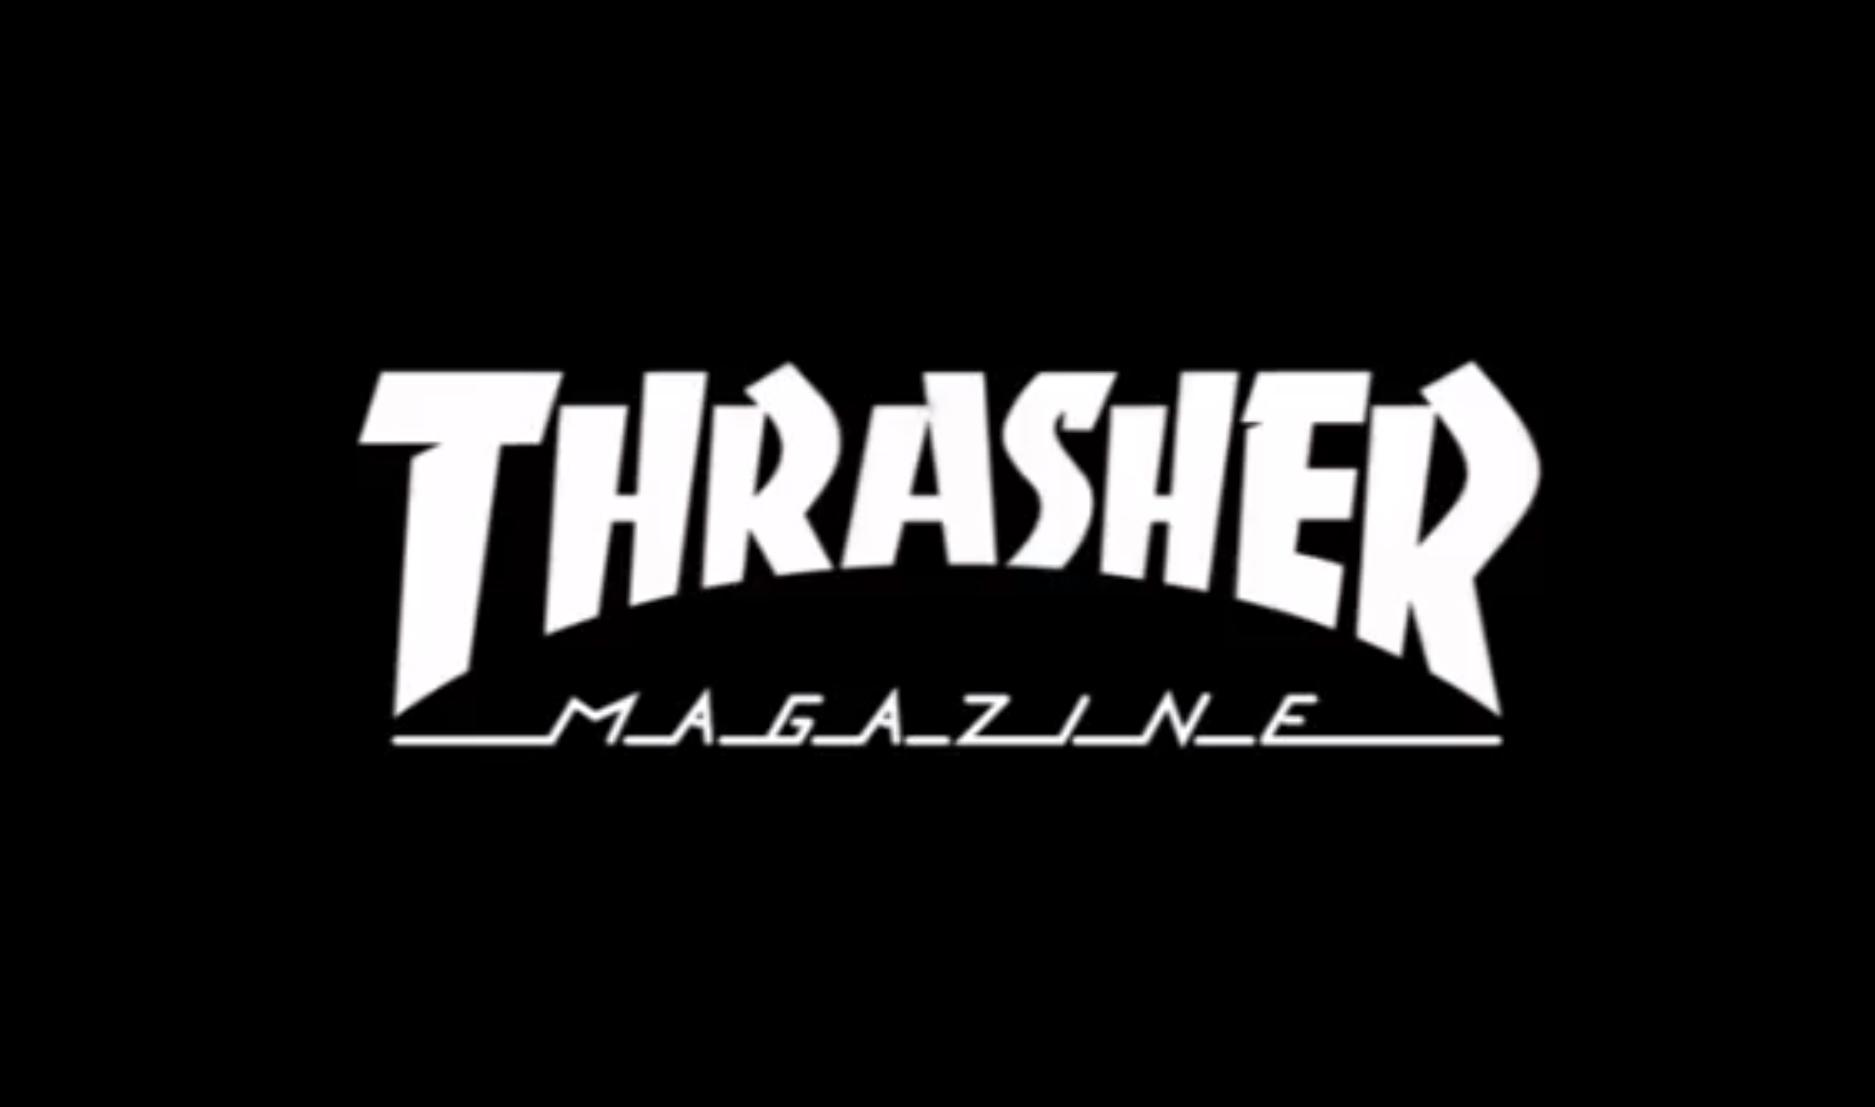 Thrasher Skate Goat Wallpaper